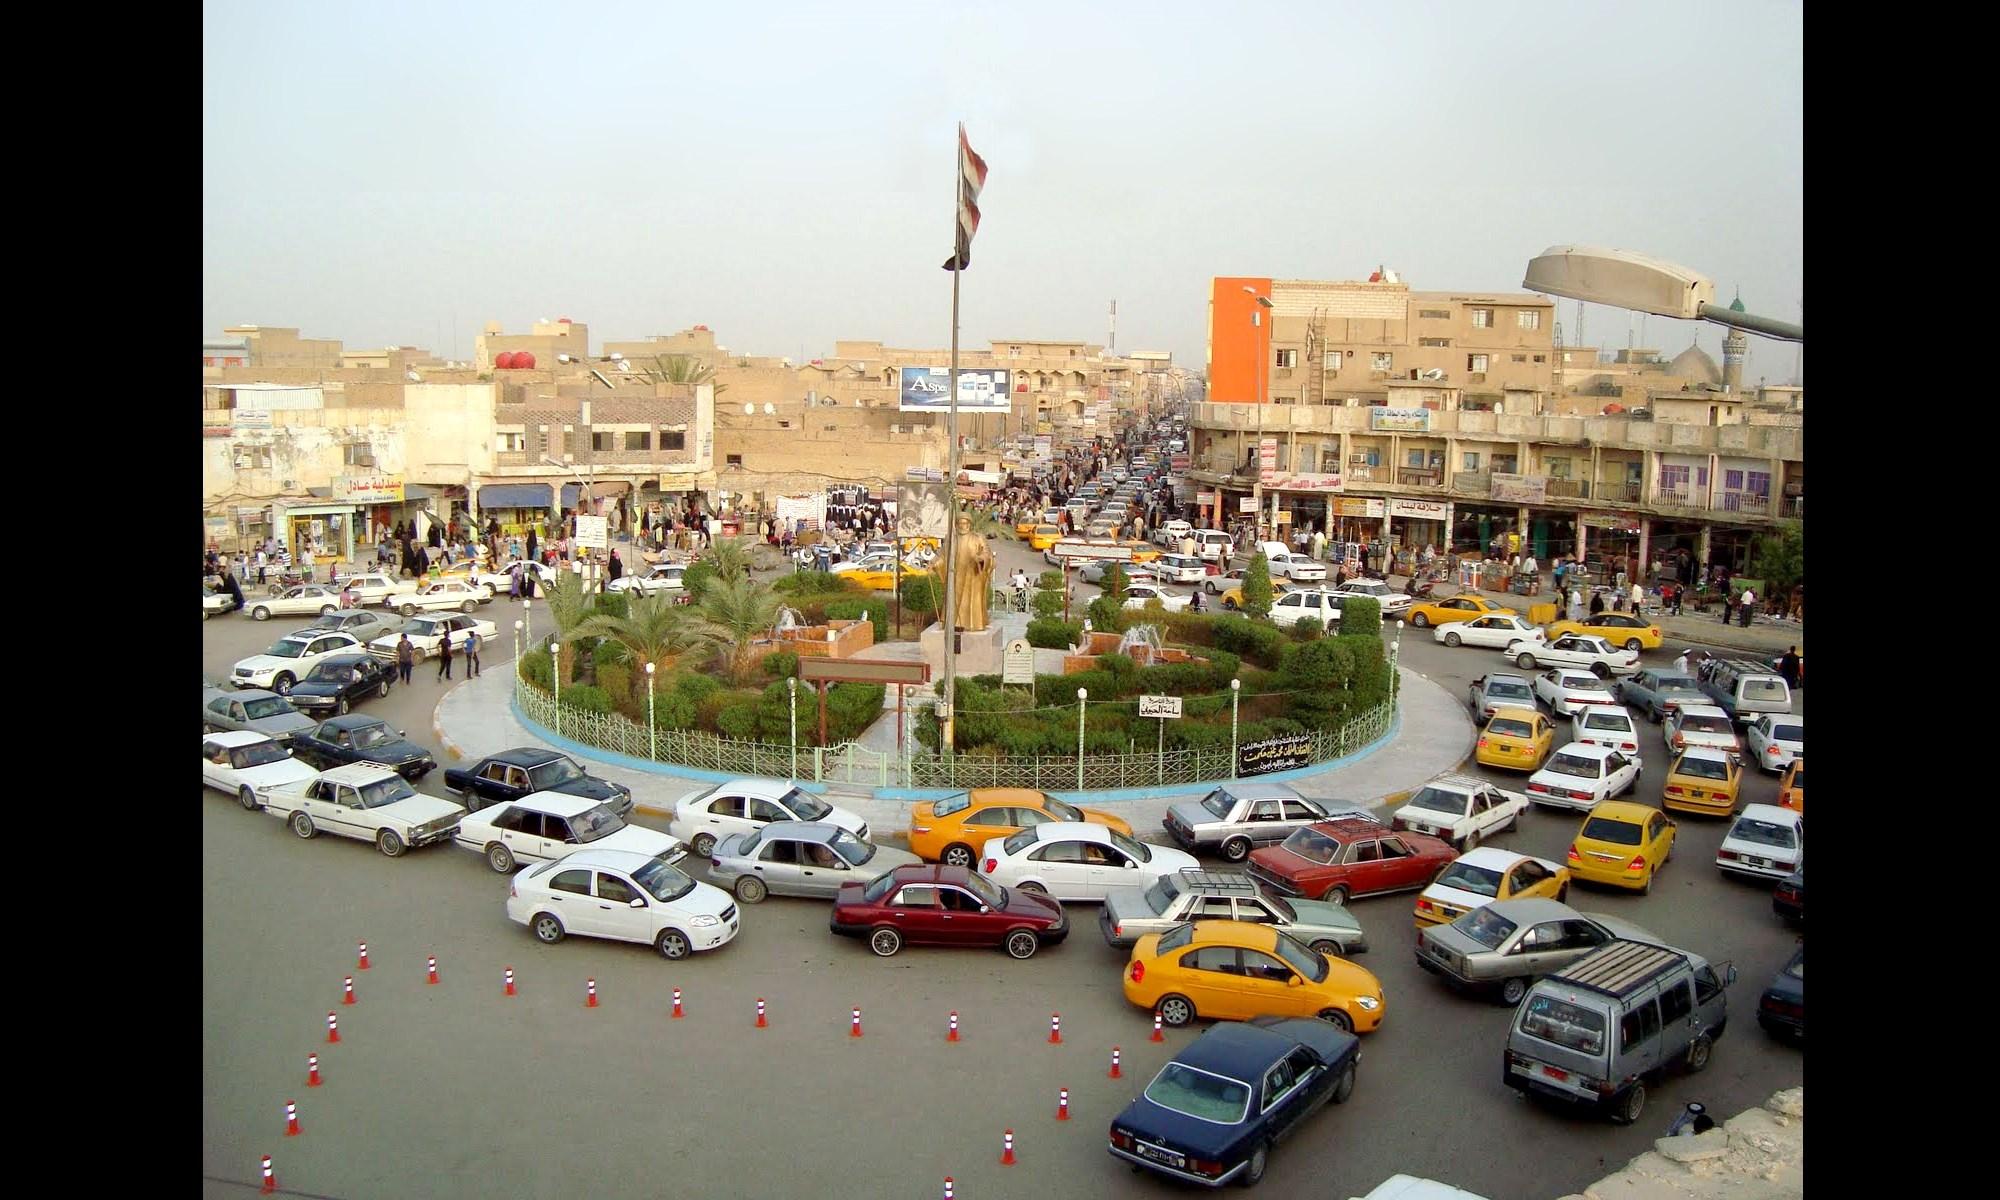 مدينة الناصرية - بقلم ليلى طارق الناصري